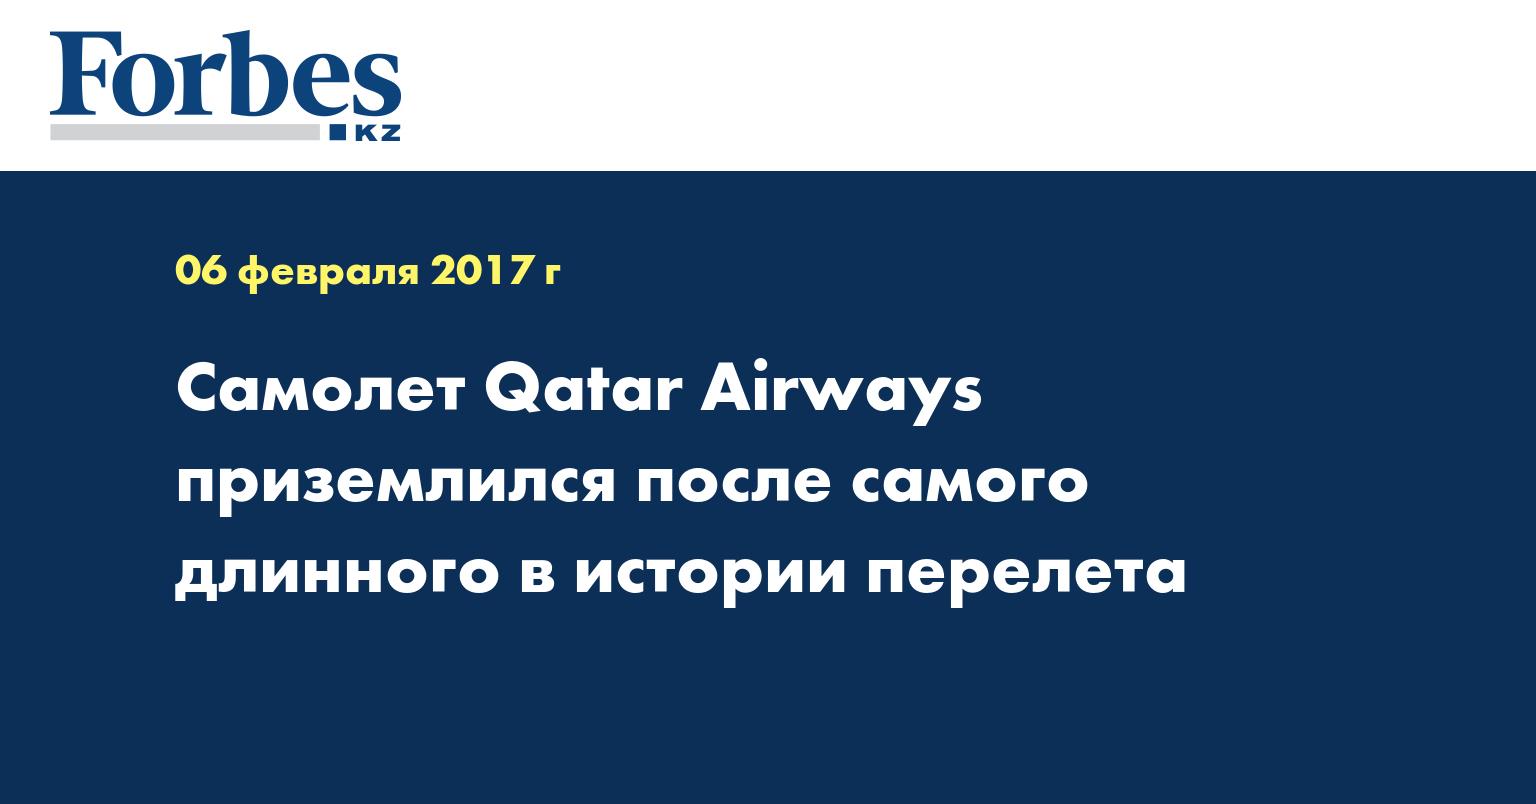 Самолет Qatar Airways приземлился после самого длинного в истории перелета